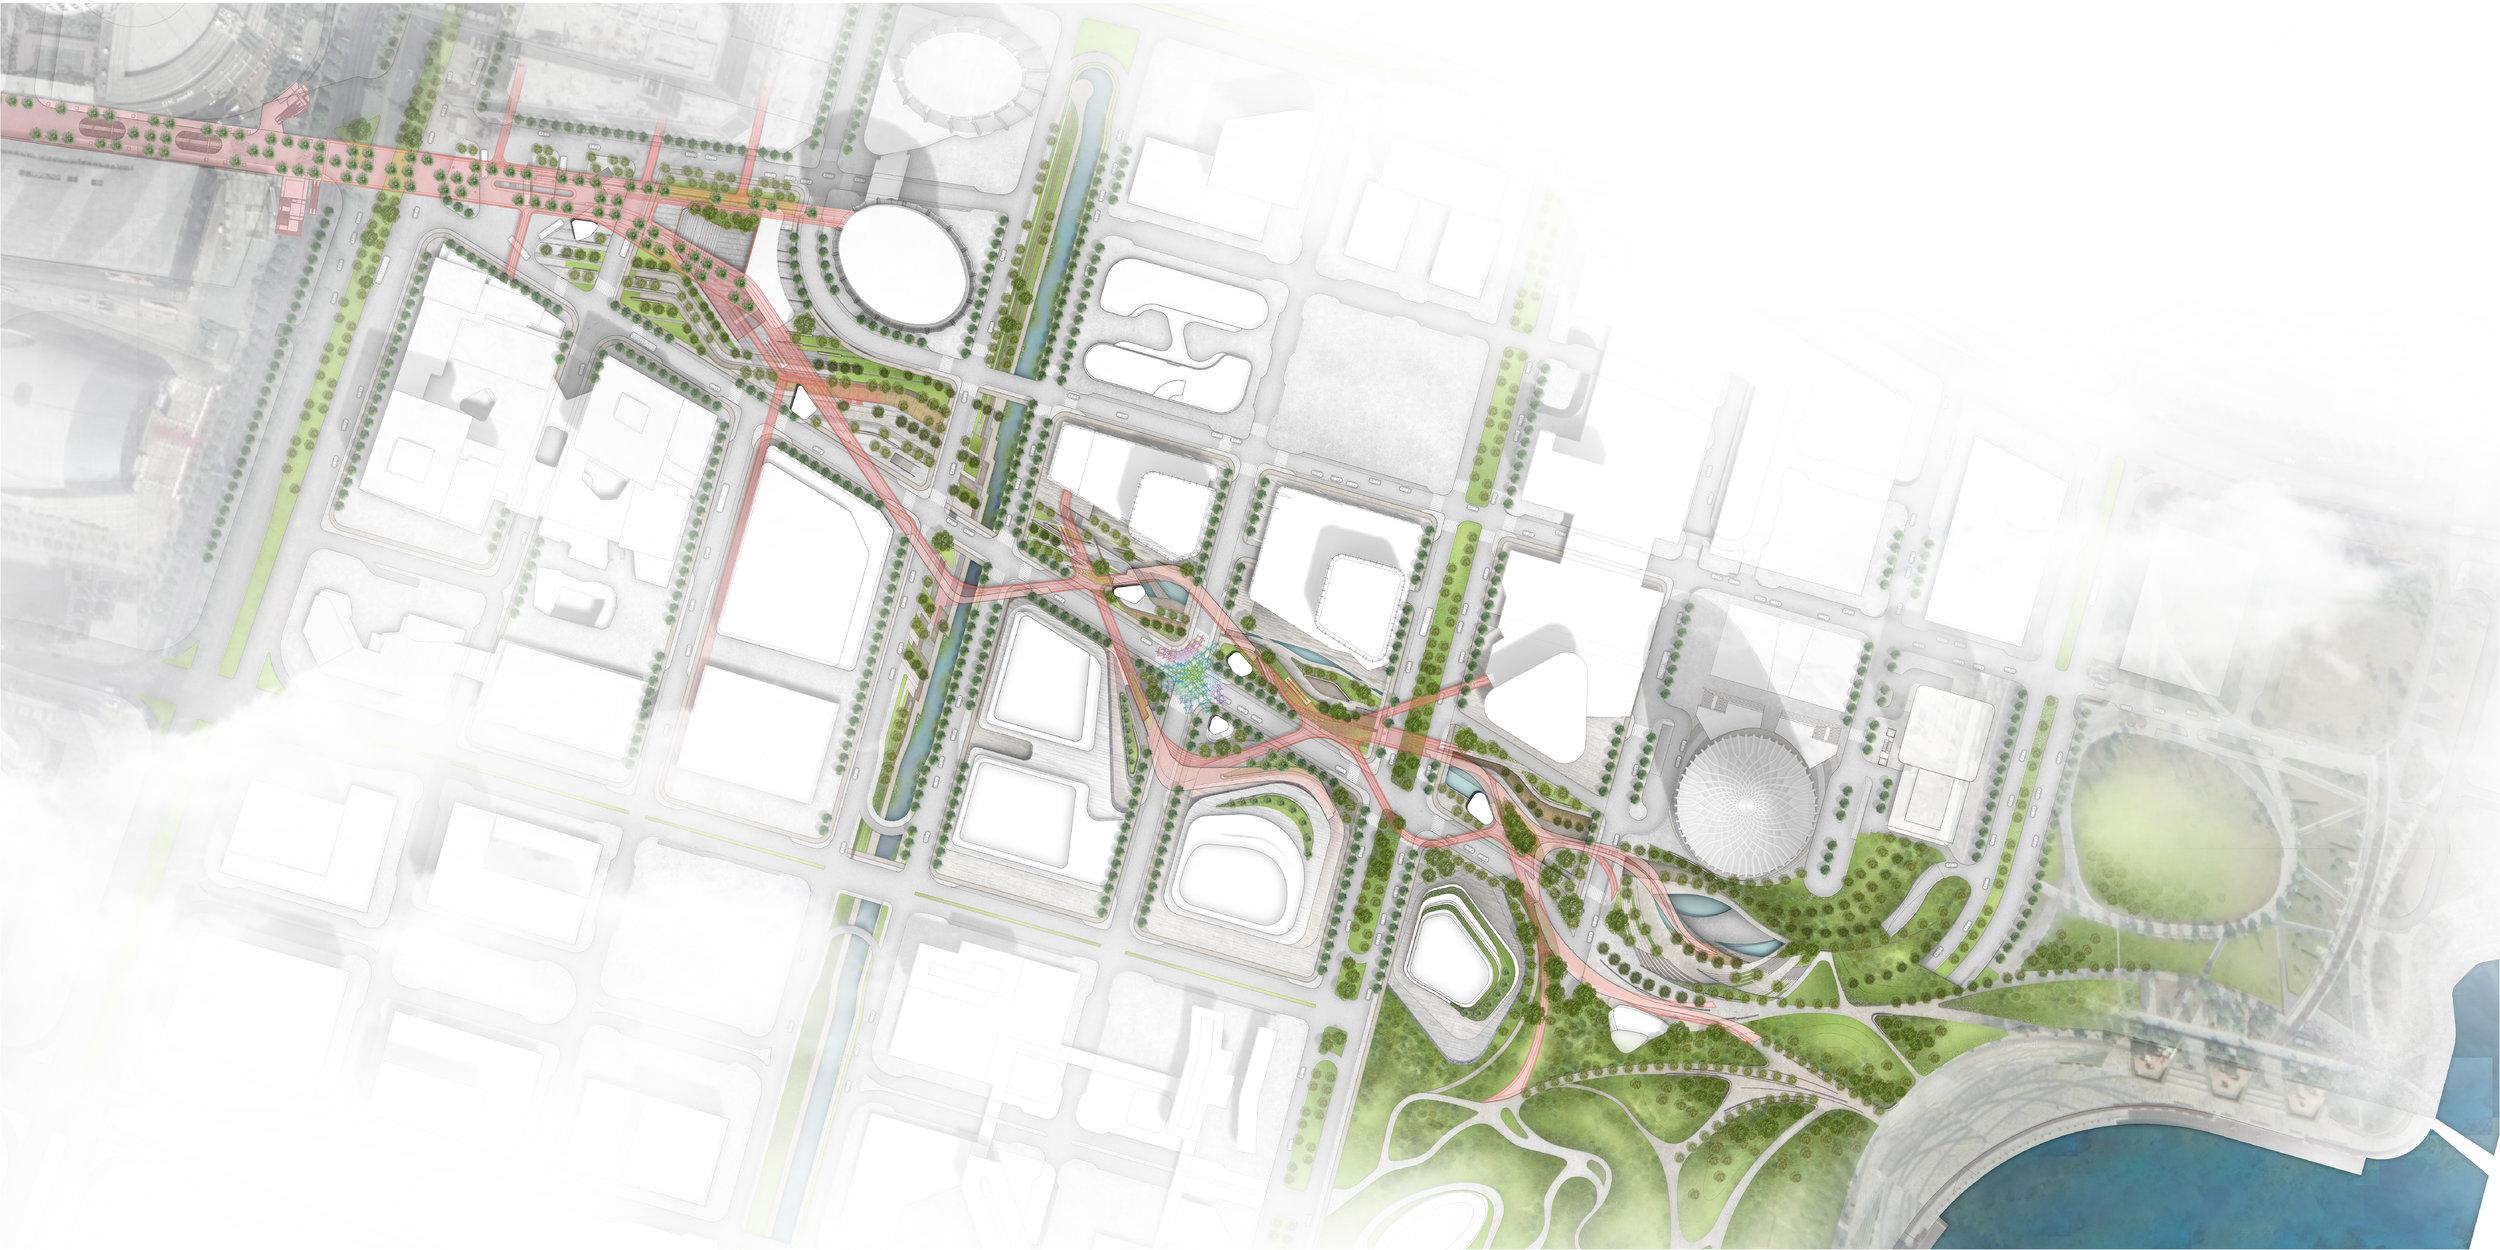 3_Shen Zhen Bay Masterplan.jpg